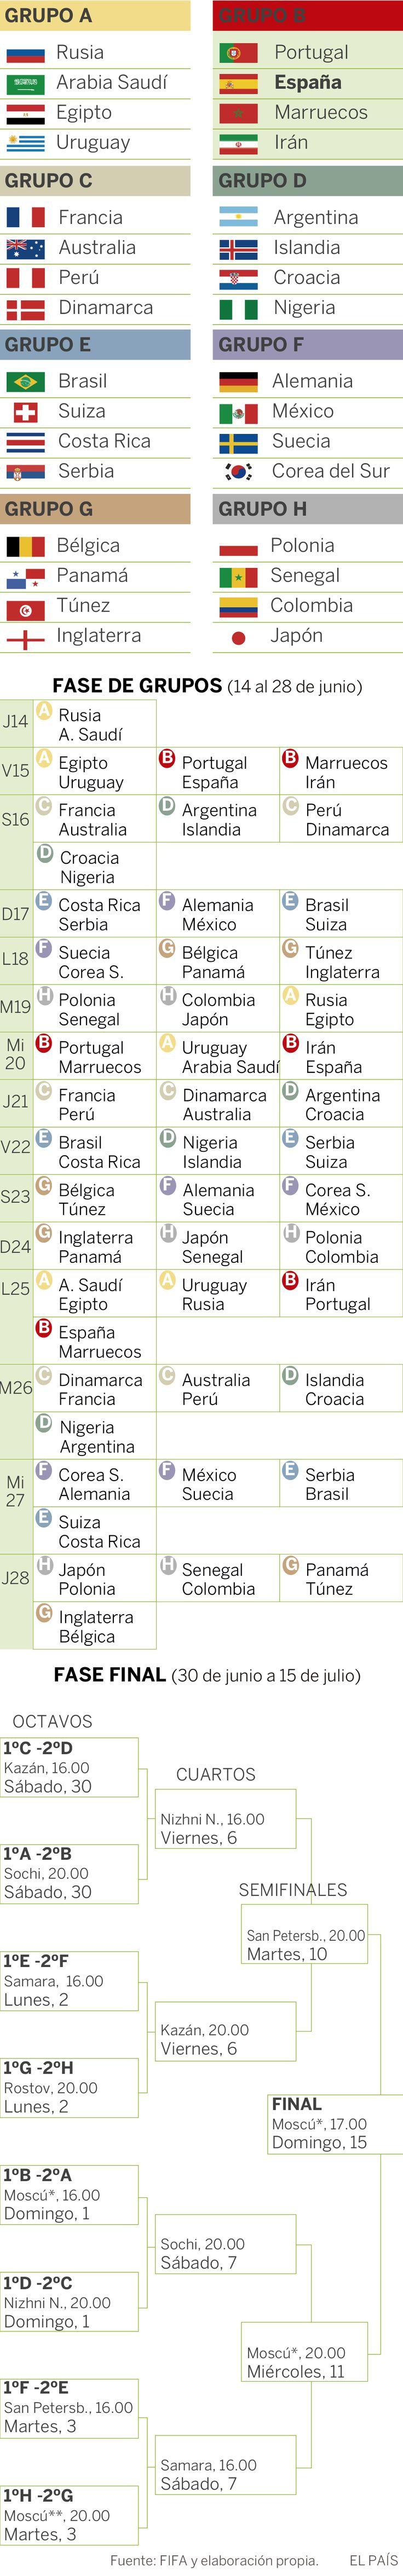 Grupos y calendario del Mundial de Rusia 2018, vía EL PAÍS